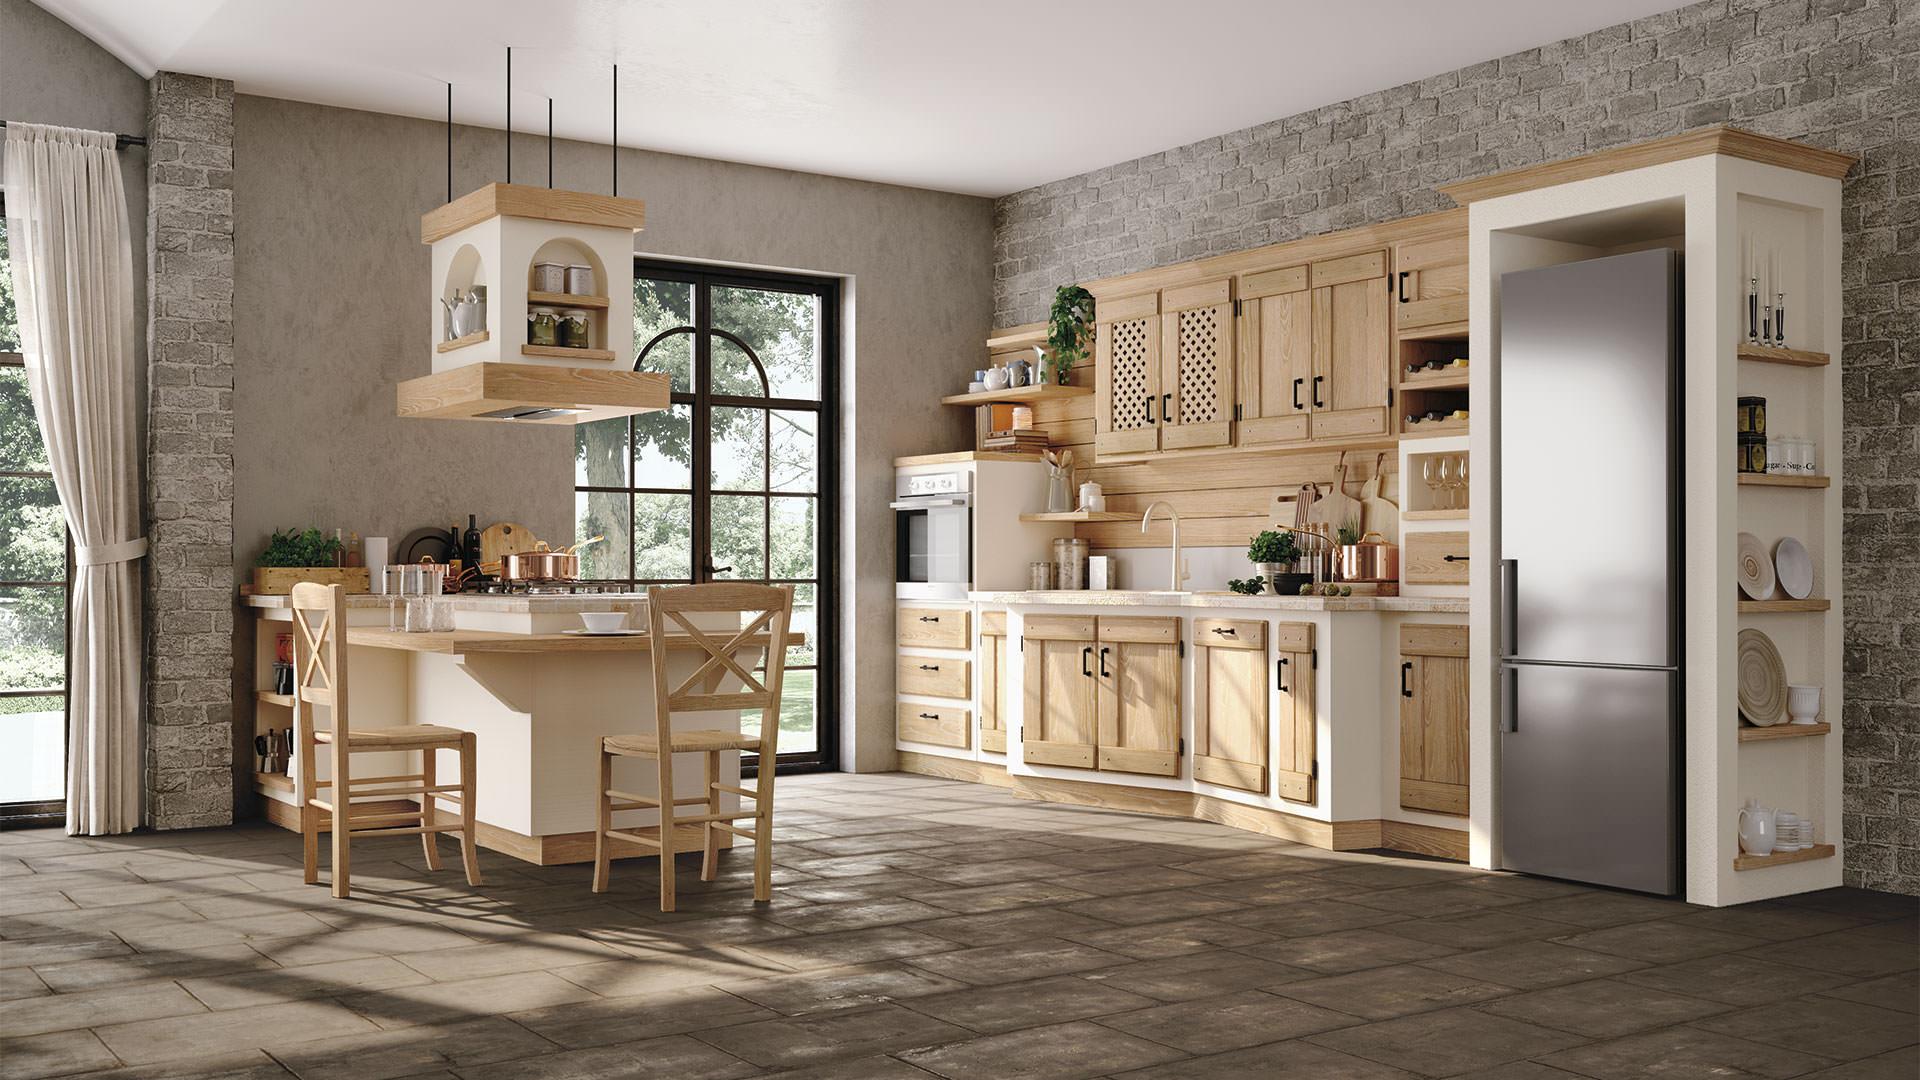 Cucine classiche e contemporanee LUBE - collezione \'Borgo Antico ...